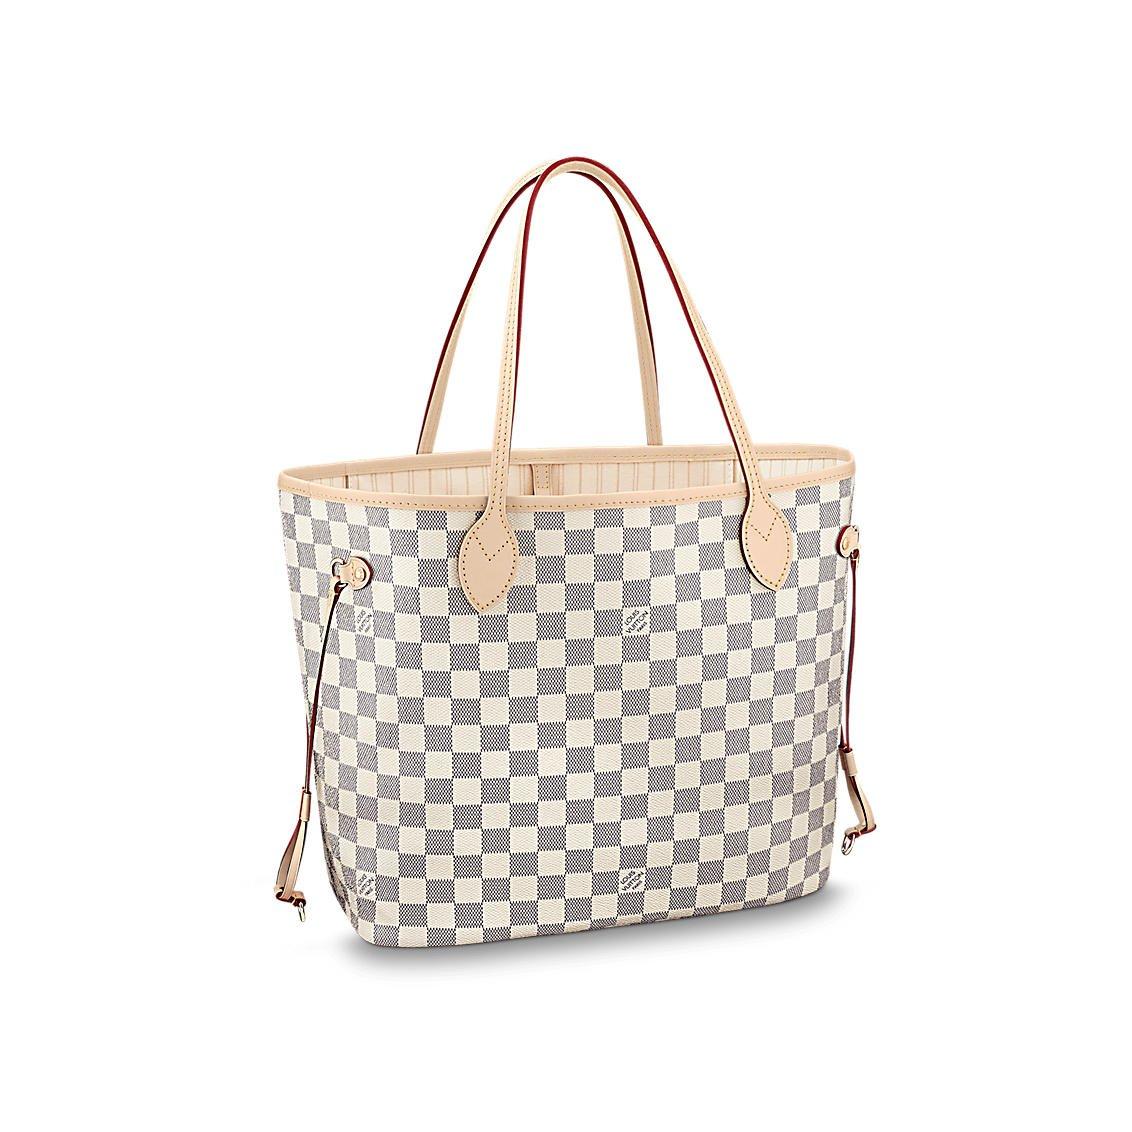 83e234db403 Amazon.com  Louis Vuitton Damier Azur Canvas Neverfull MM N41361  Shoes